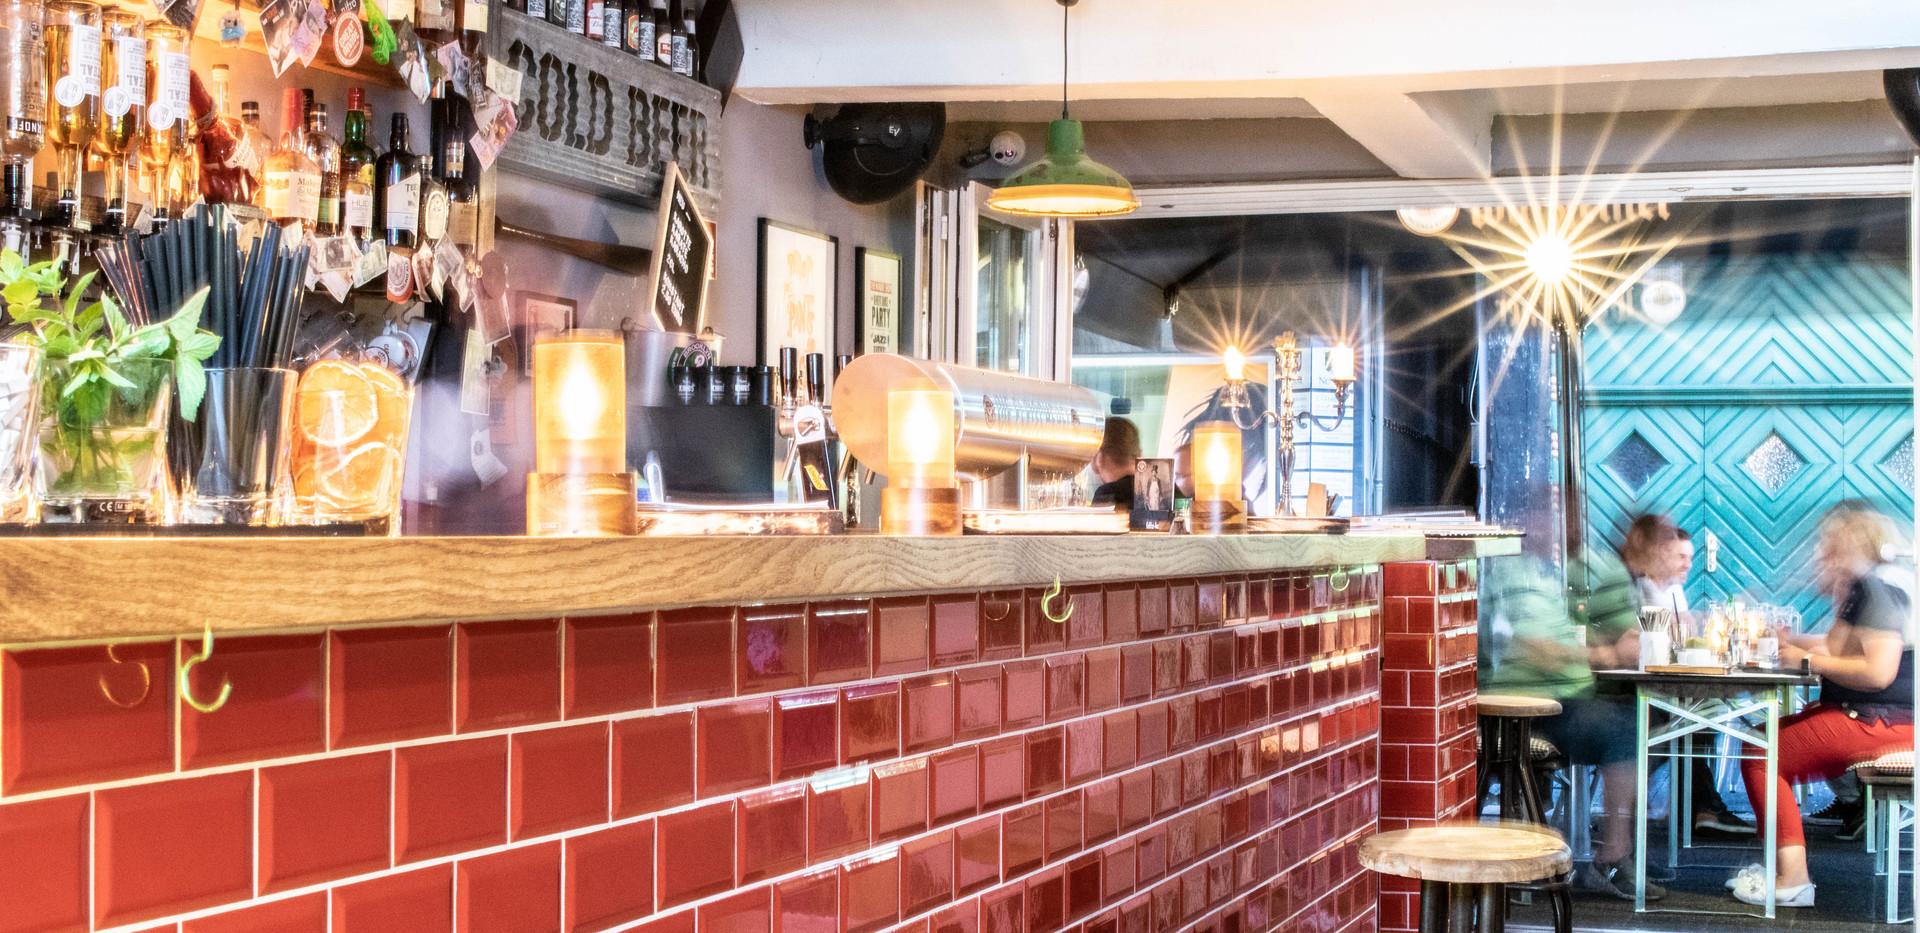 Unsere kleine Bar